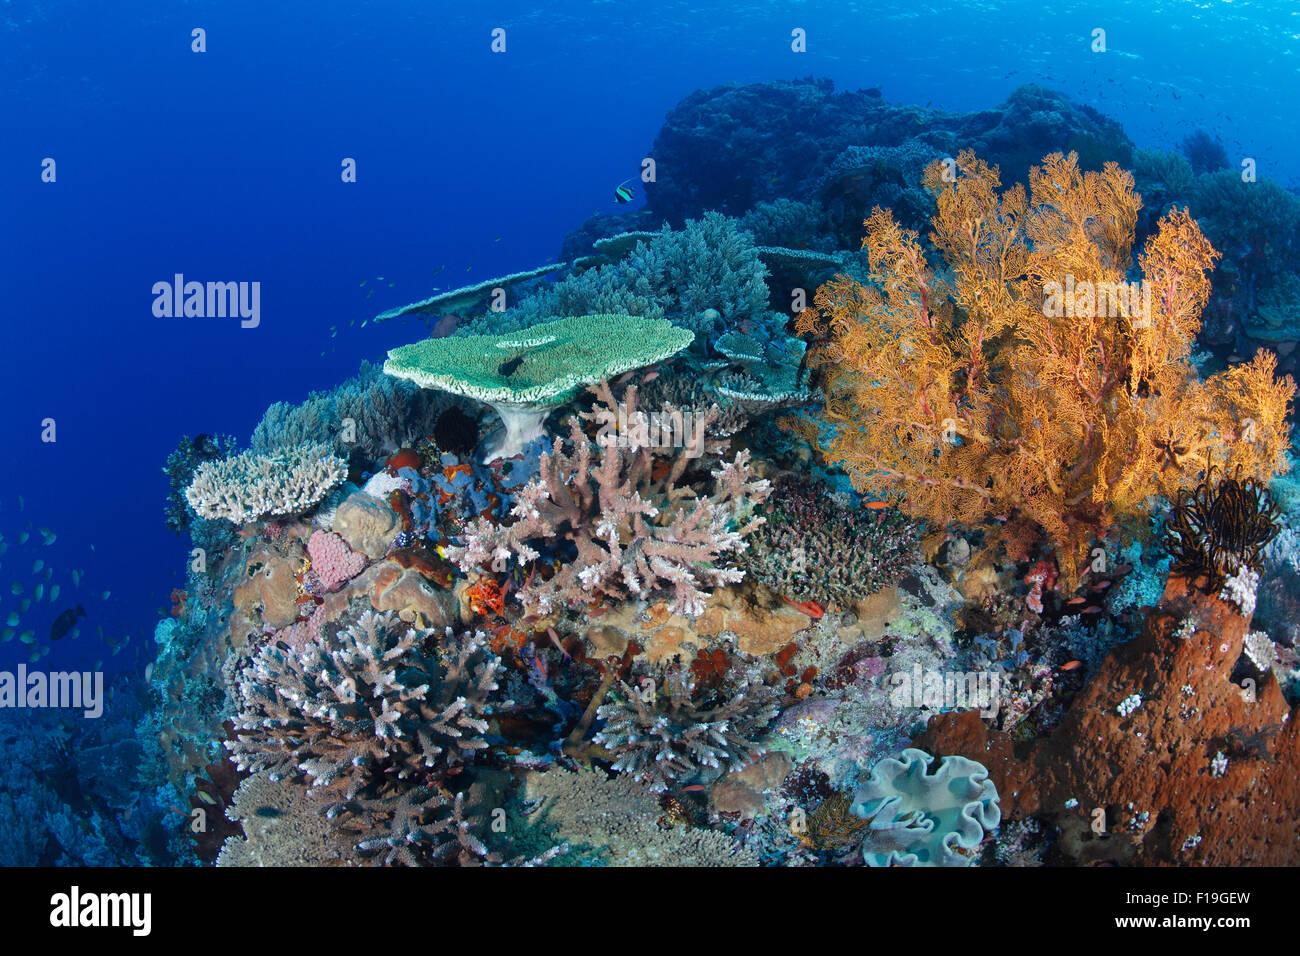 px0297-D.  gesunden Korallenriff, mit einer Vielzahl von Steinkorallen, Weichkorallen und Schwämmen. Indonesien, Stockbild